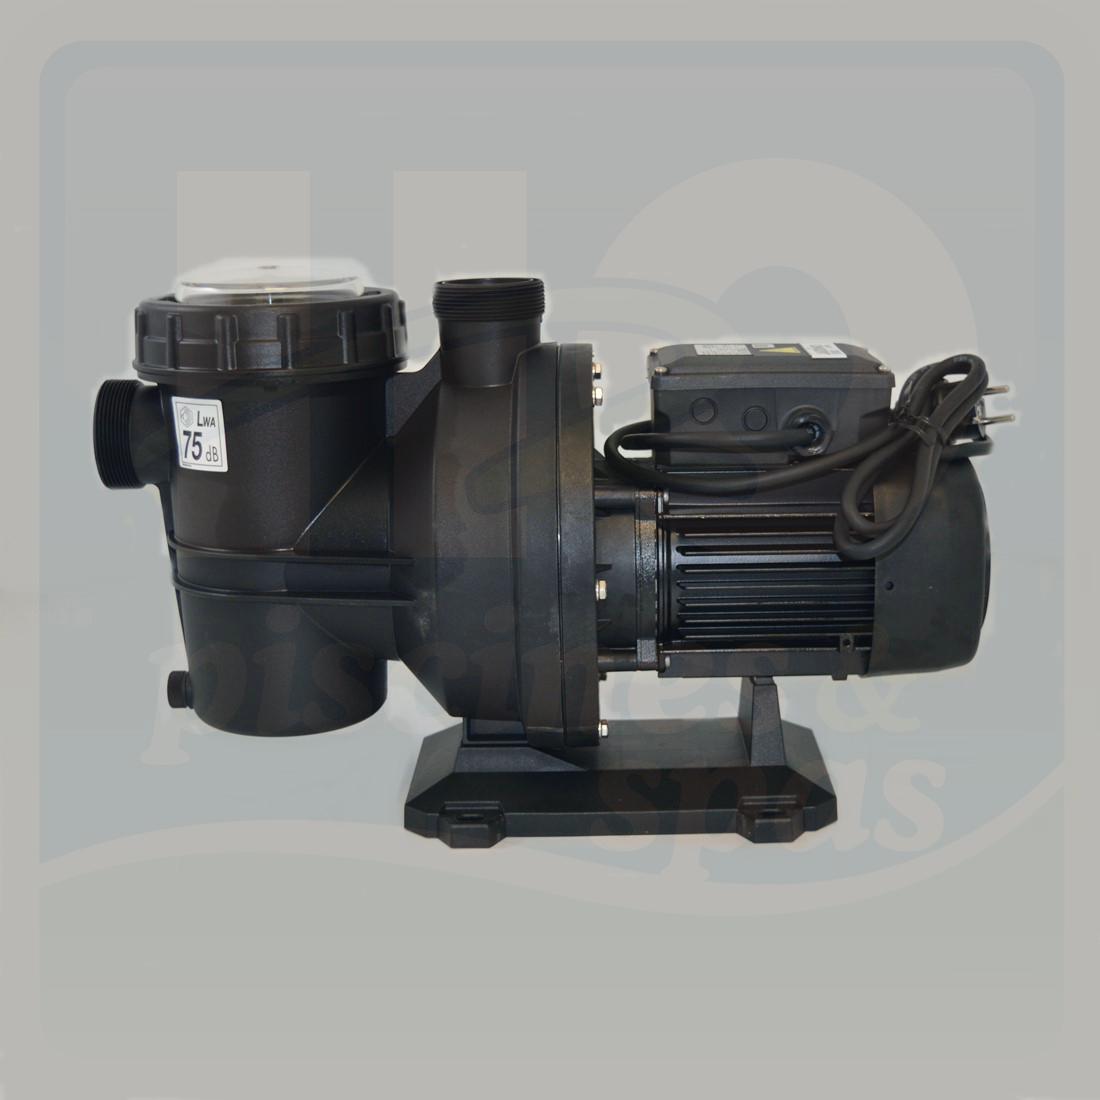 pompe de filtration espa nox 150 22 m 19 5 m3 h 220 v h2o piscines spas. Black Bedroom Furniture Sets. Home Design Ideas